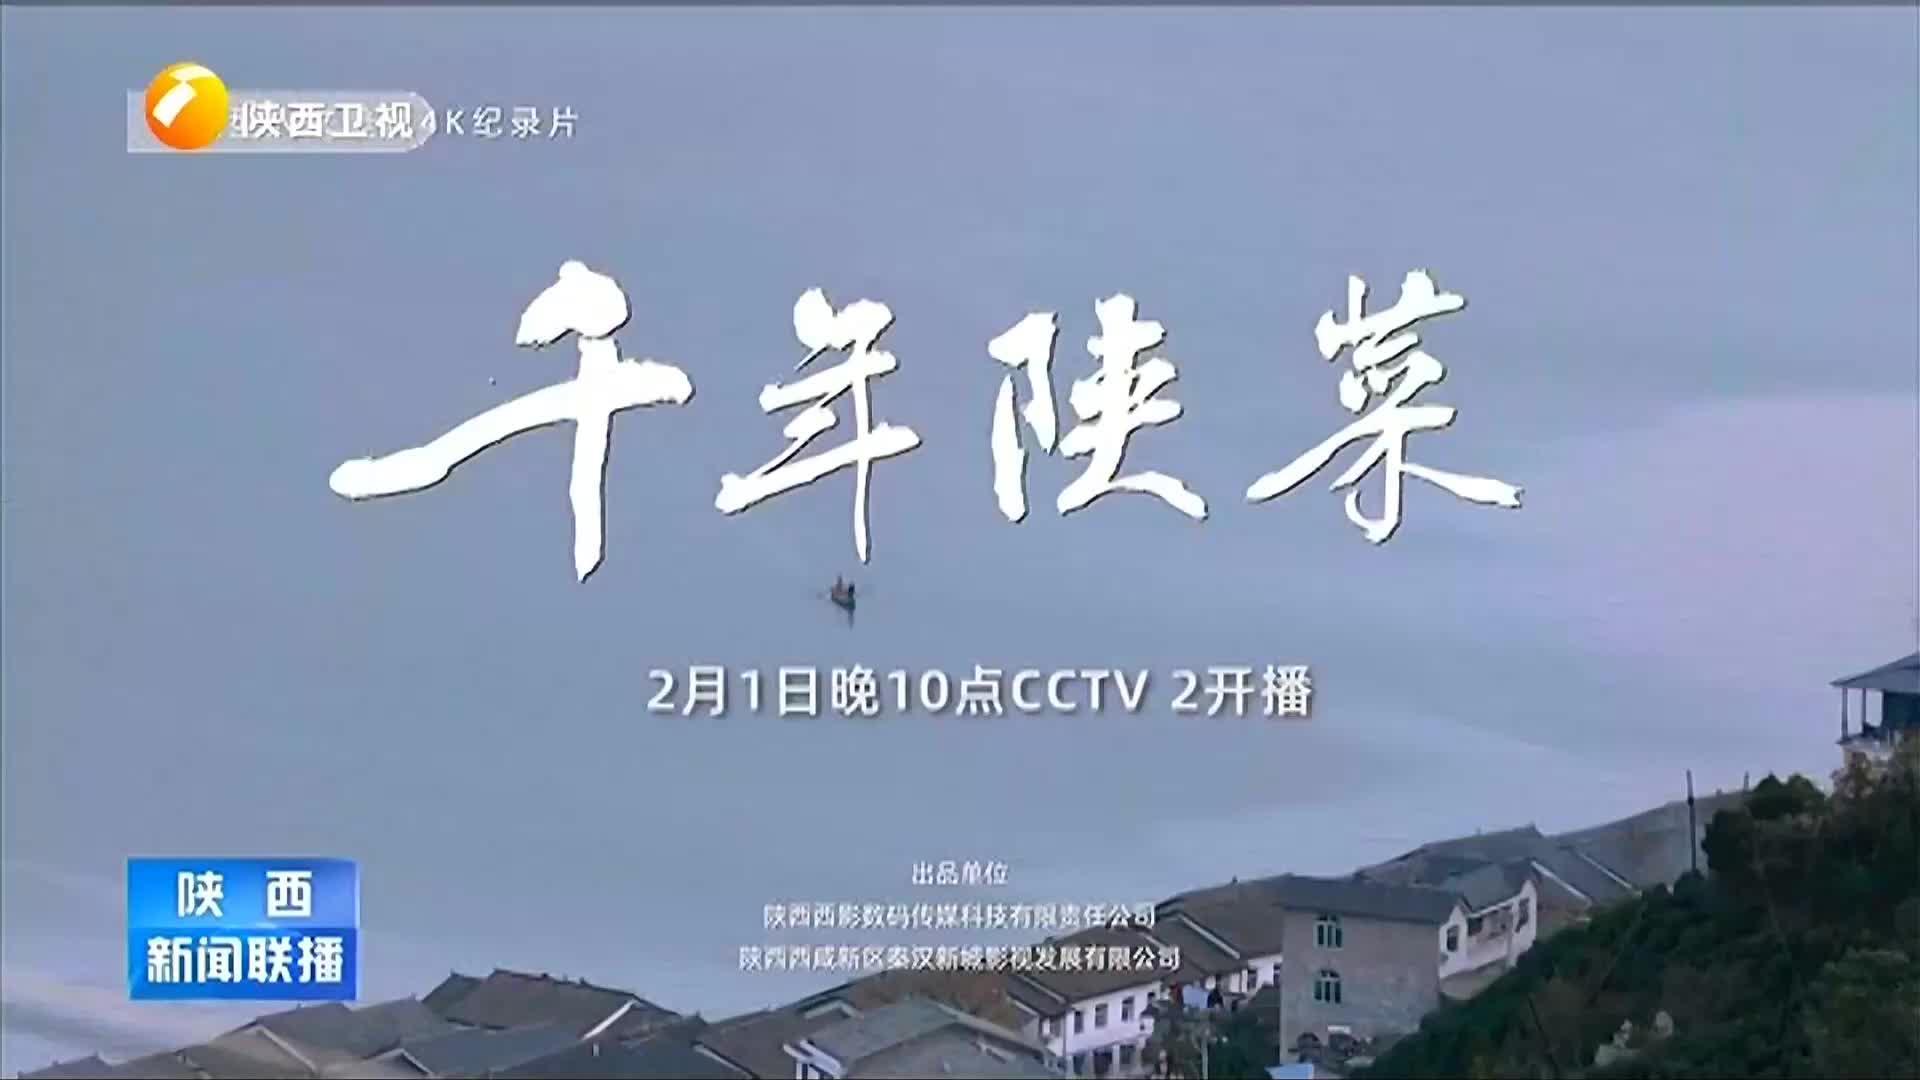 陕西新闻联播:大型人文美食4K纪录片《千年陕菜》2月1日起央视首播